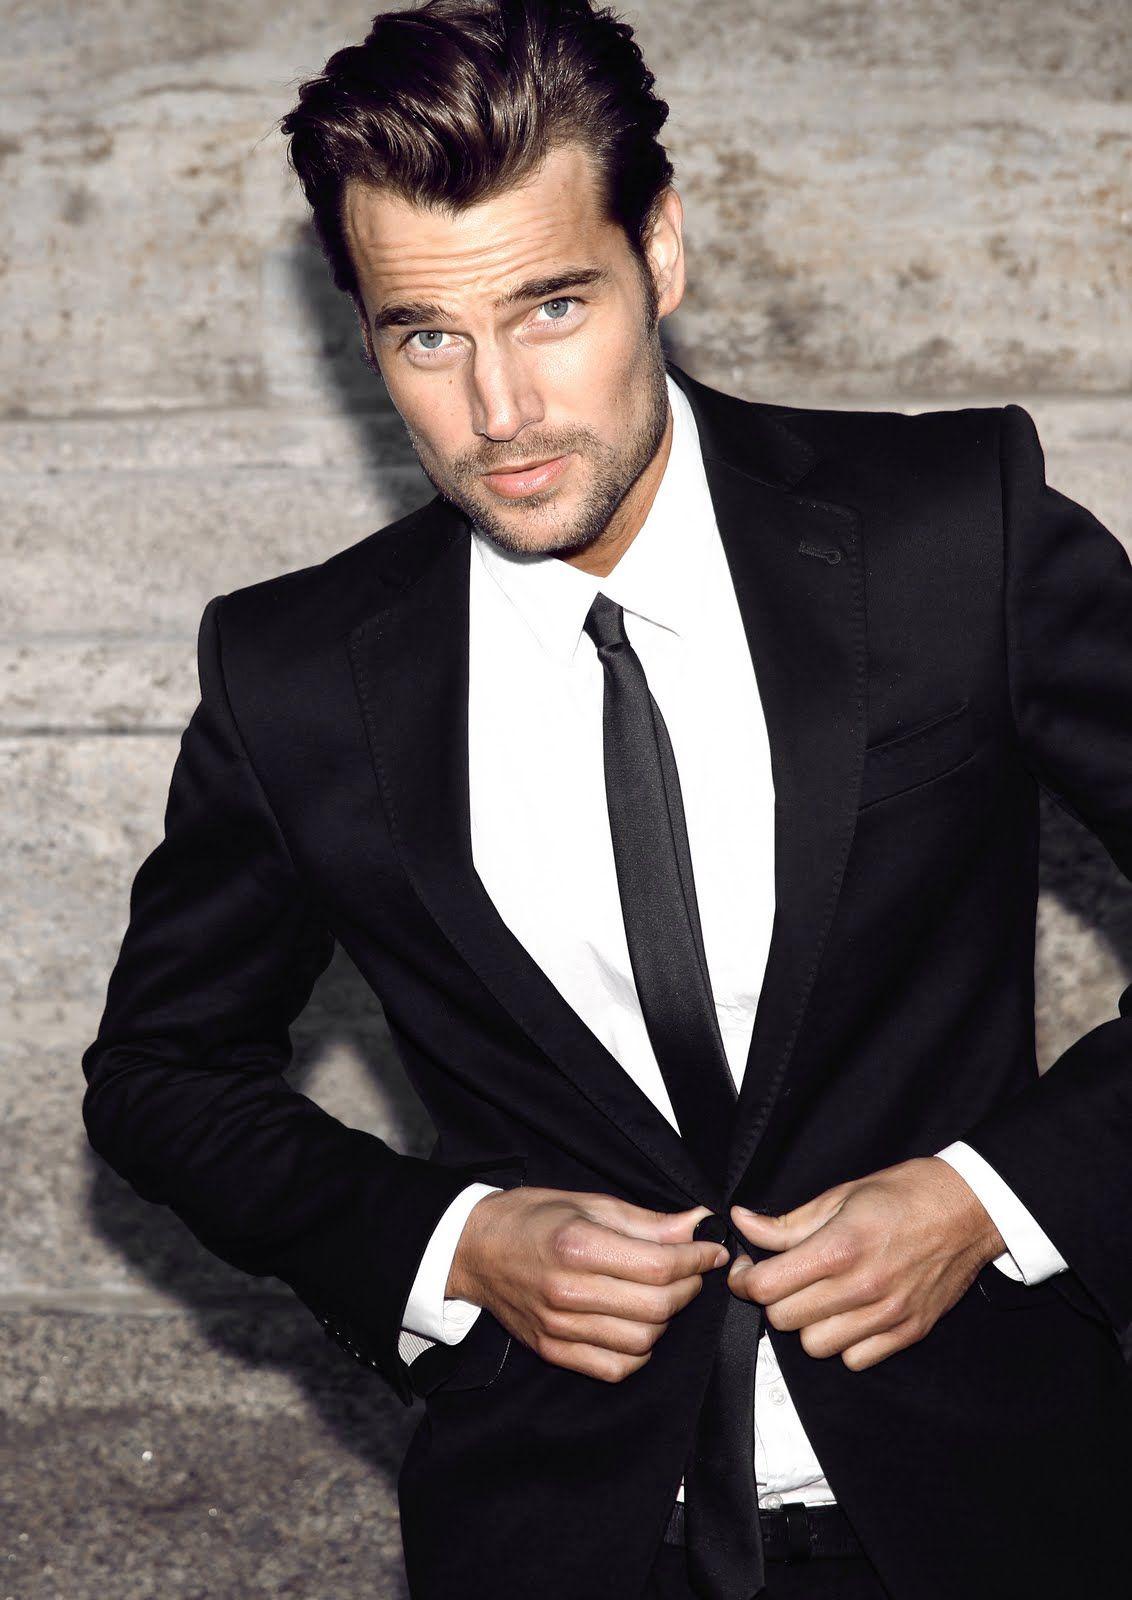 Vestiti Eleganti Hm Uomo.H M Skinny Black Tie 100 Silk Soldout Buy It This Weekend